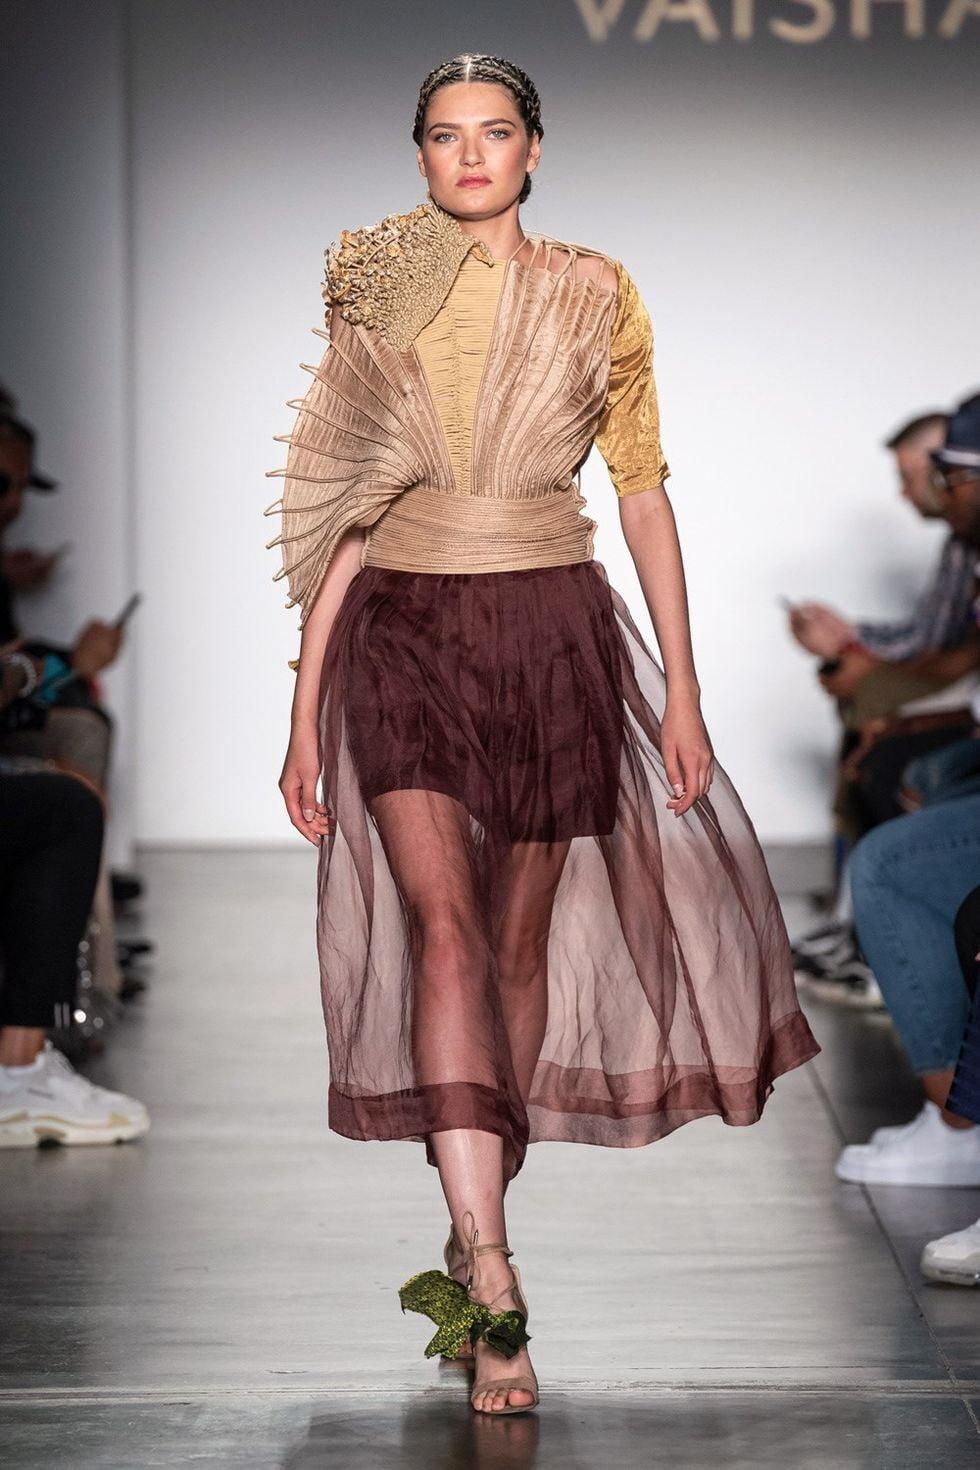 Vaishali S, Umber at New York Fashion Week SS20